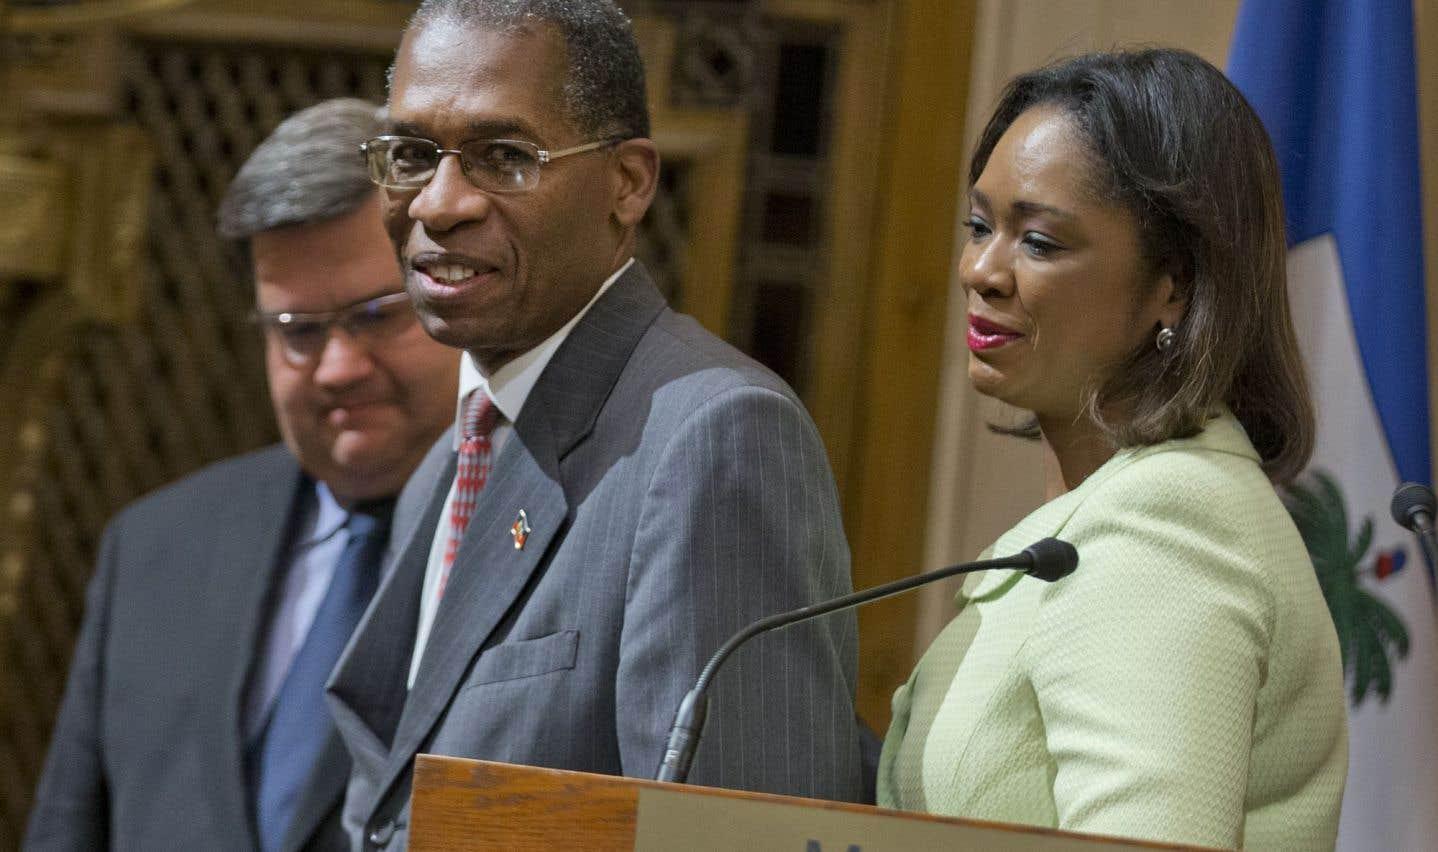 La visite à Montréal de deux ministres haïtiens inquiète des avocats en immigration